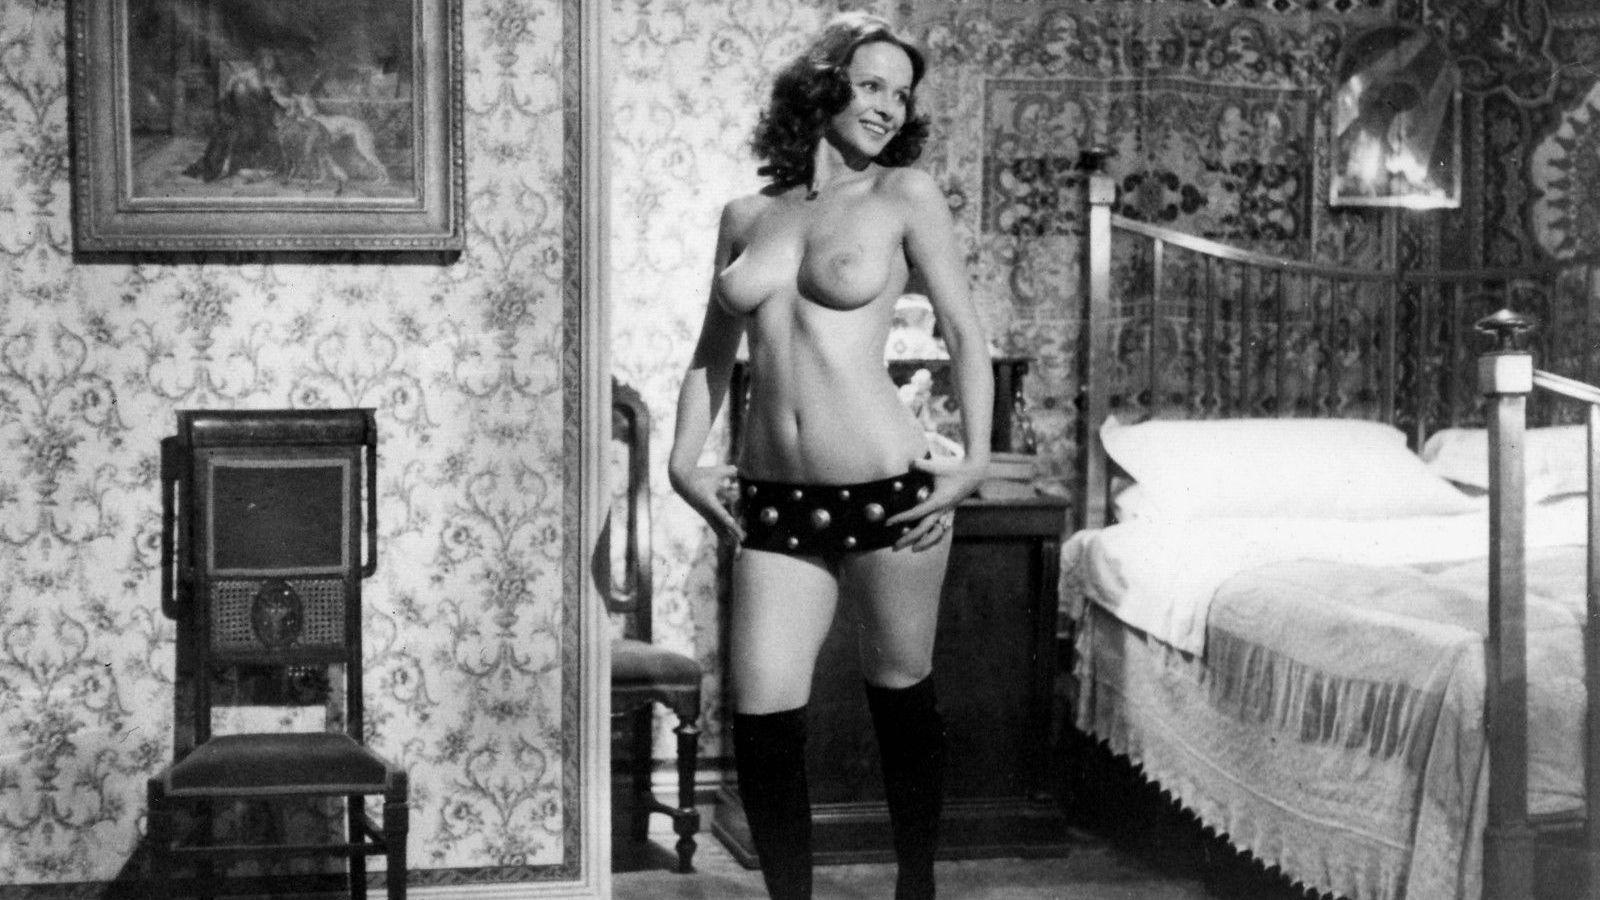 итальянские эротические фильмы смотреть онлайн в хорошем качестве